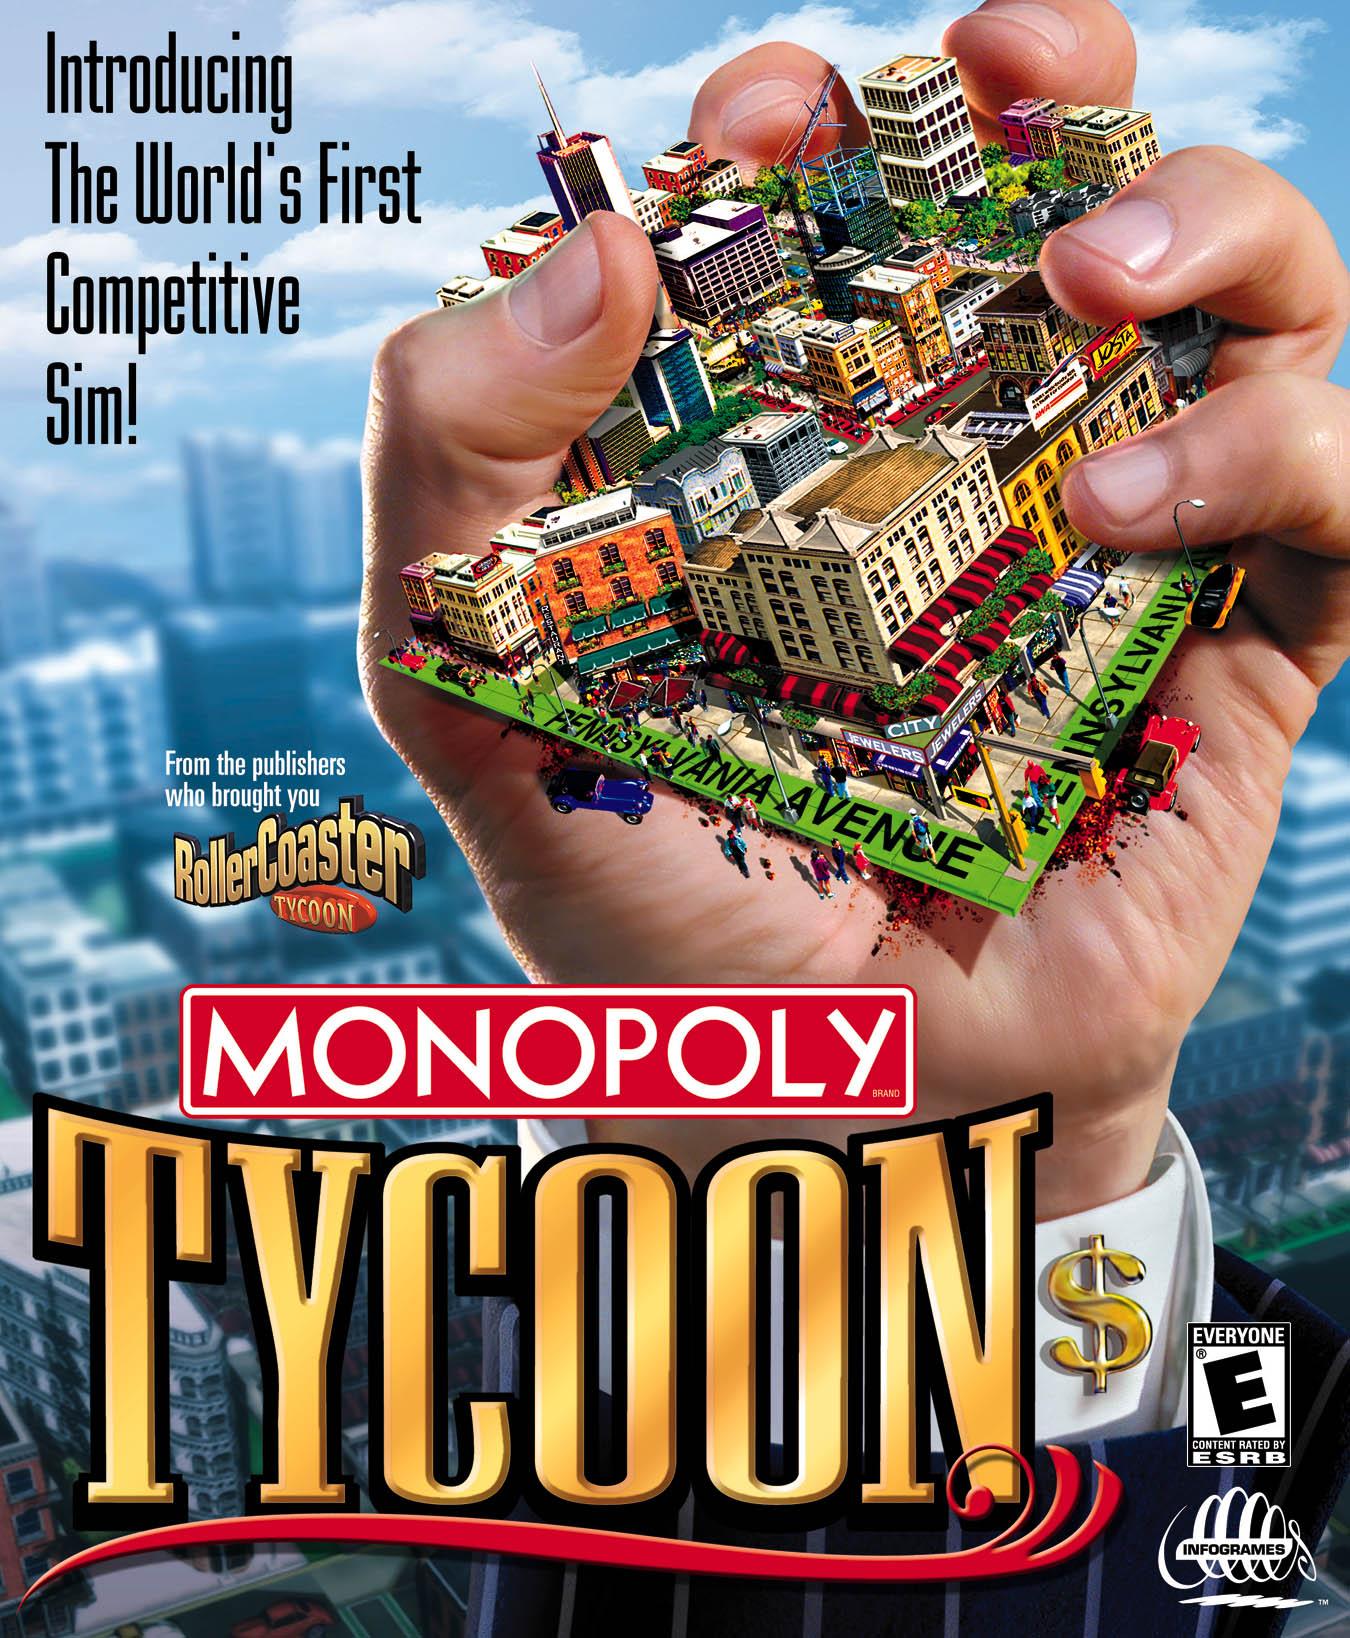 File:Monopoly-tycoon.jpg